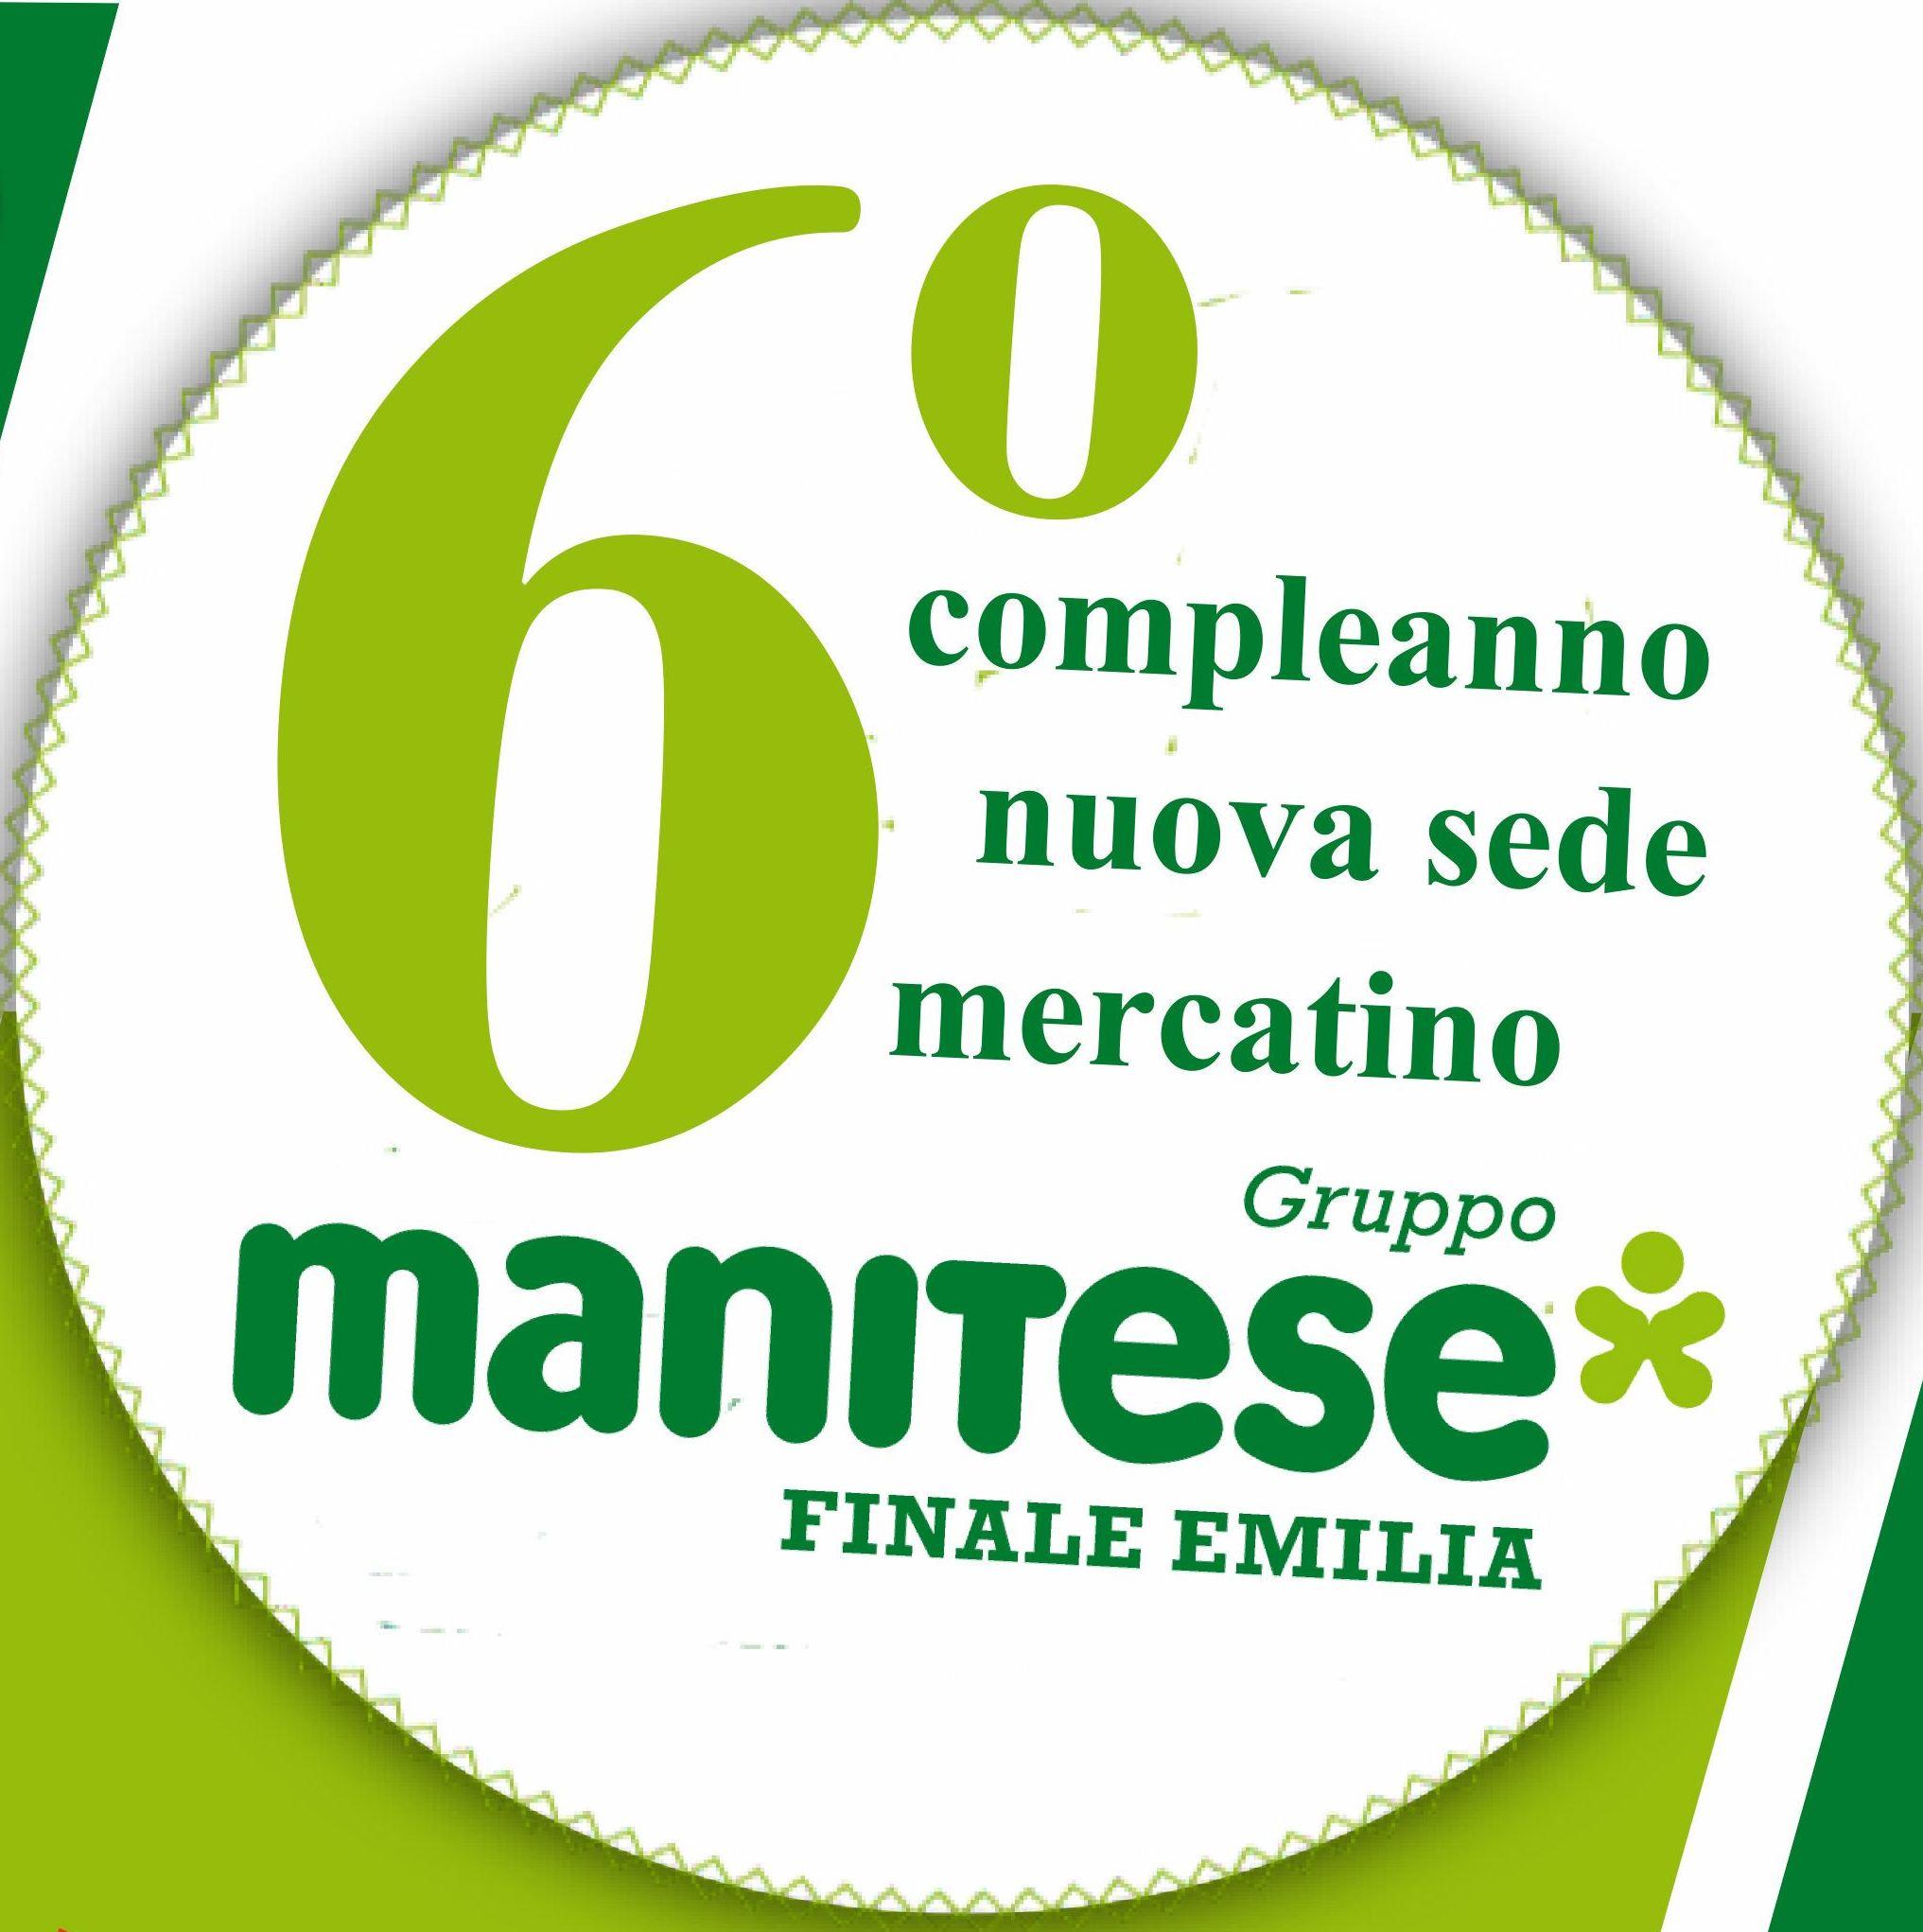 MANITE~1